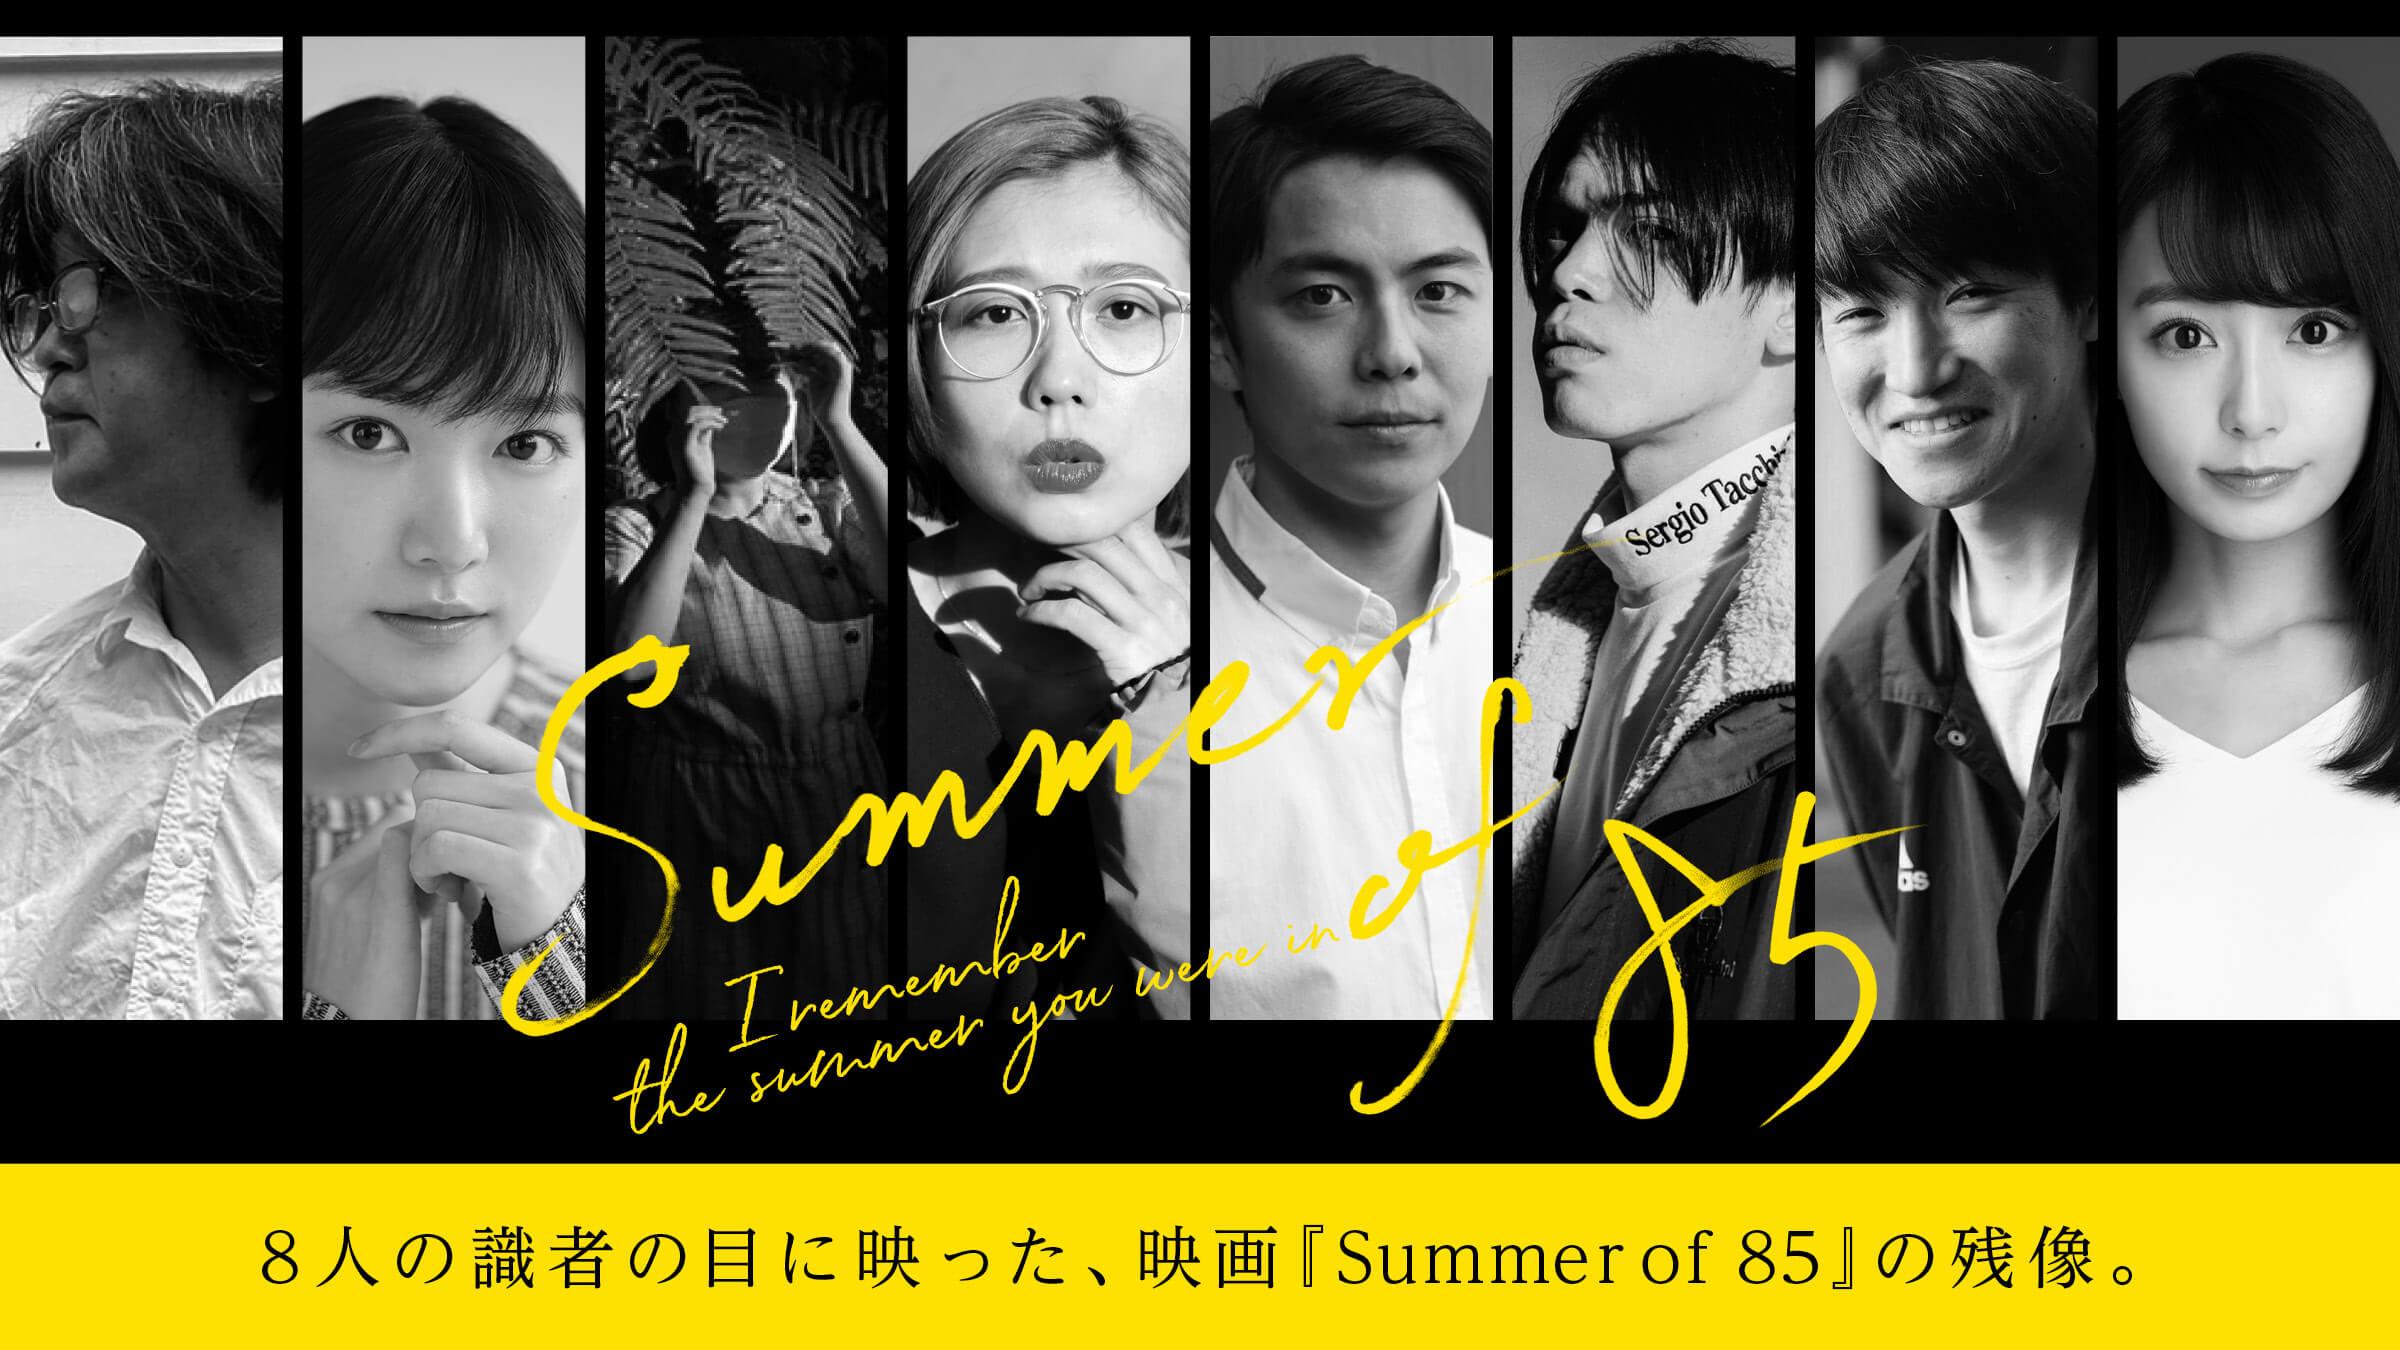 8人の識者の目に映った、 映画『Summer of 85』の残像。